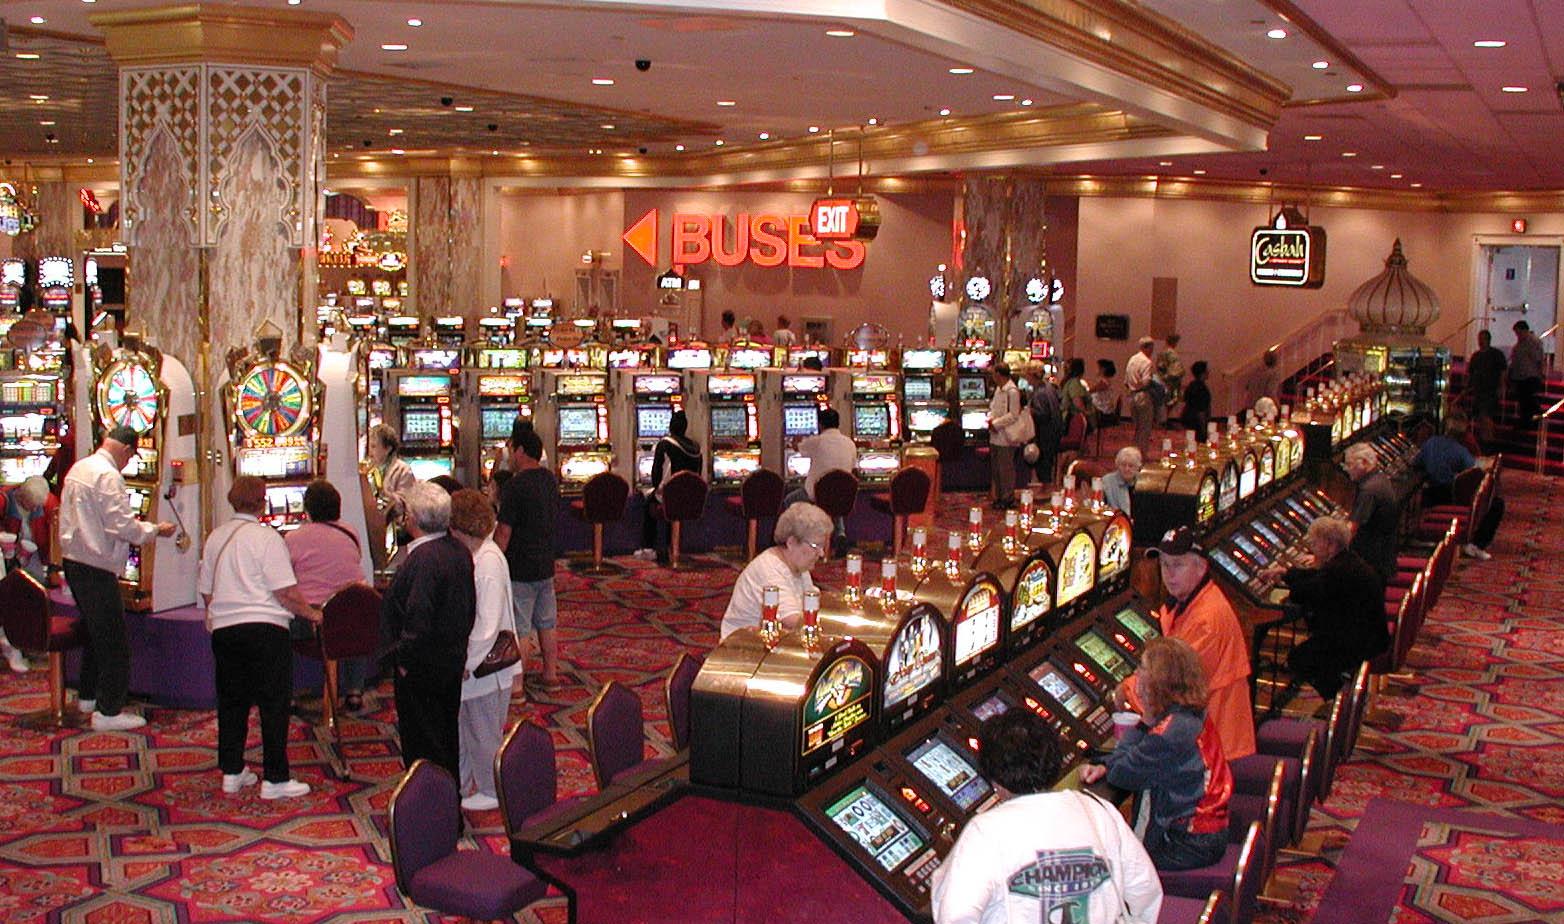 Jeux casino: pour se divertir et investir